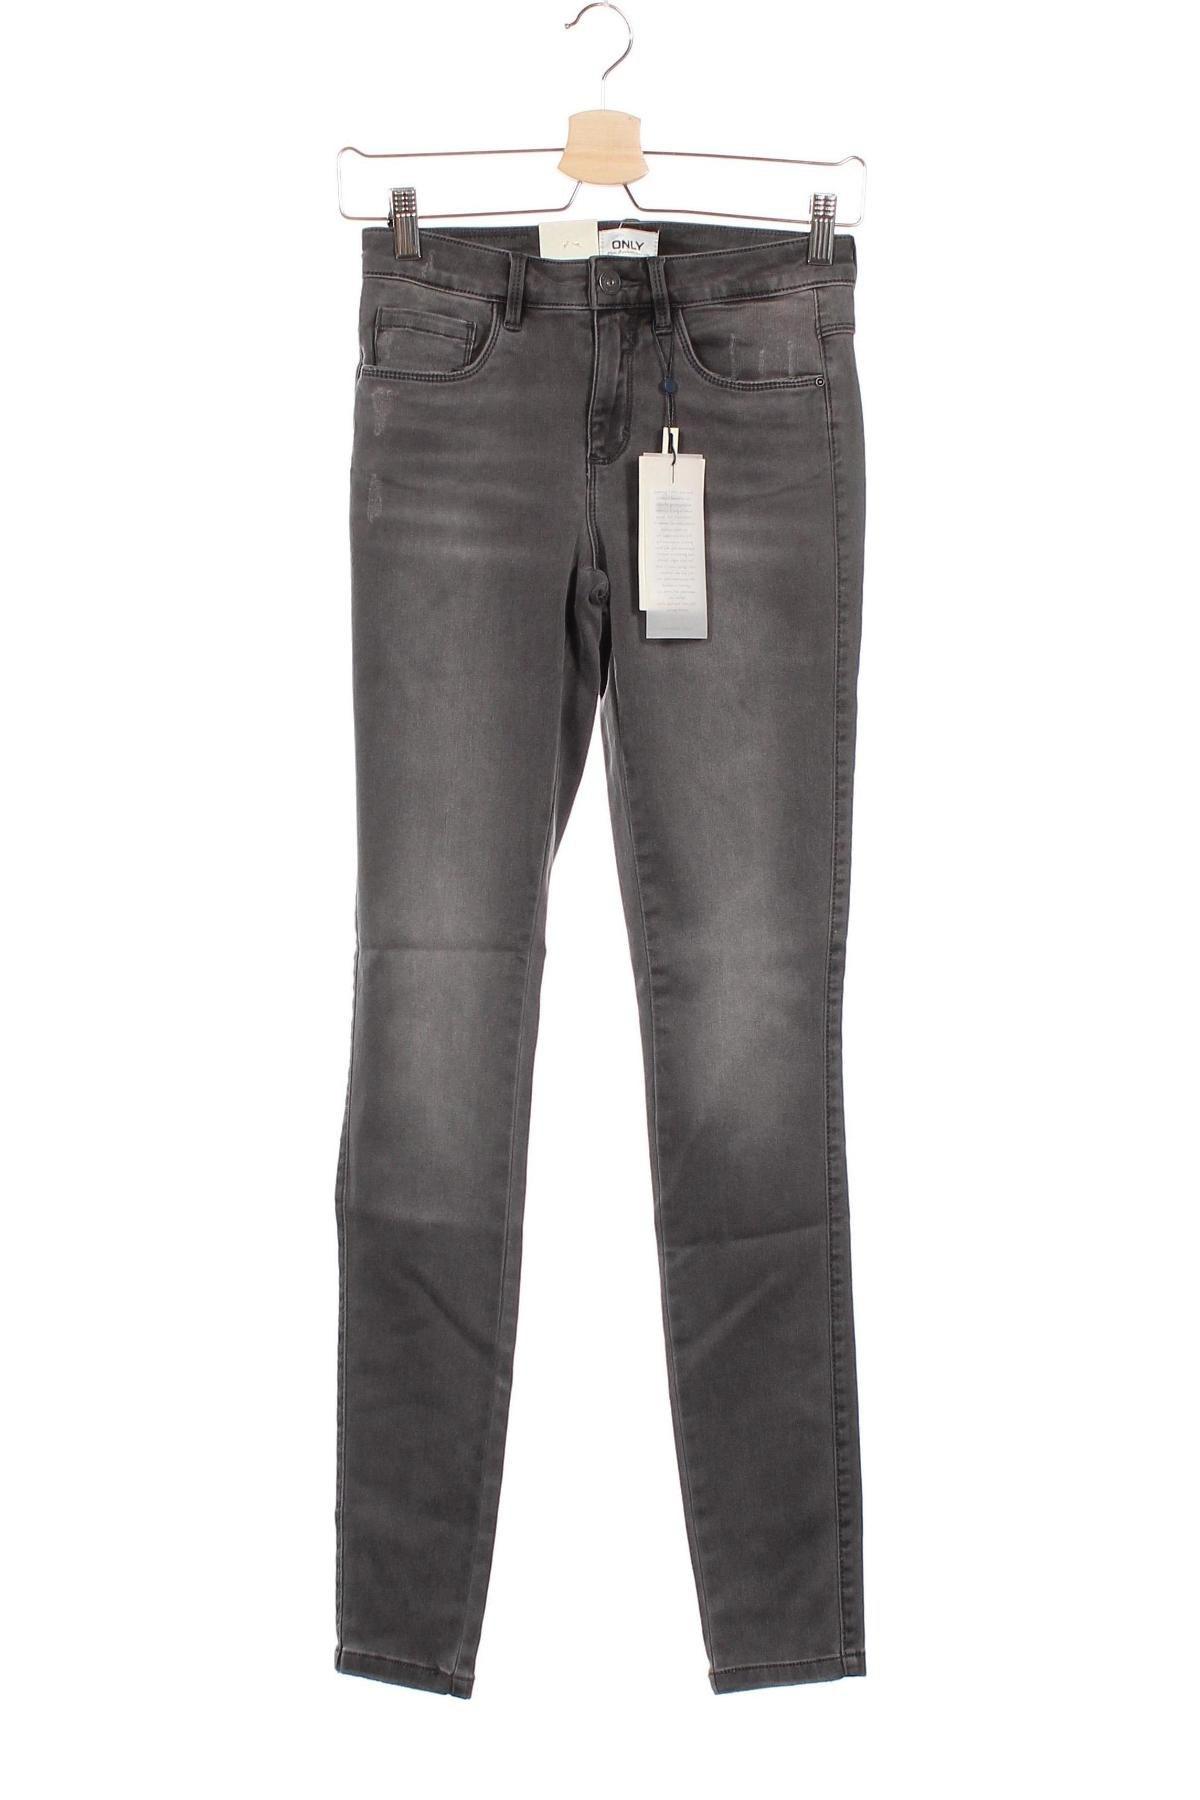 Дамски дънки ONLY, Размер XS, Цвят Сив, 60% памук, 39% полиестер, 1% еластан, Цена 24,96лв.